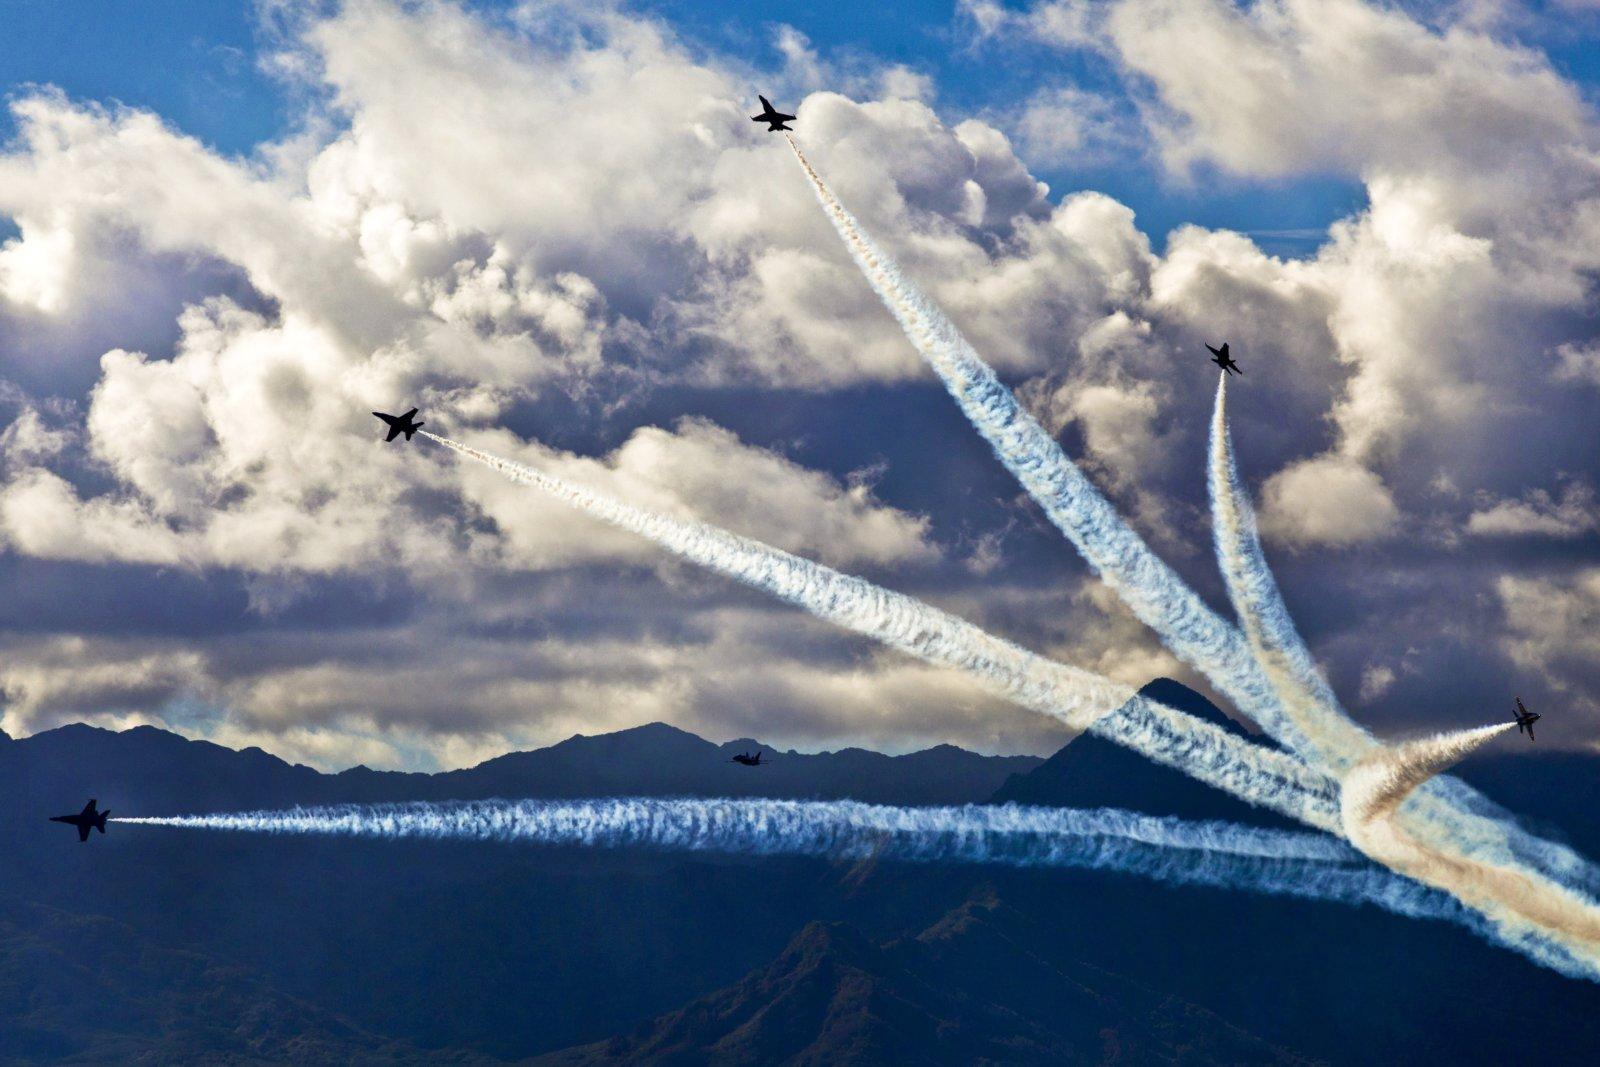 Роспуск пилотажной группы самолетов на фоне гор